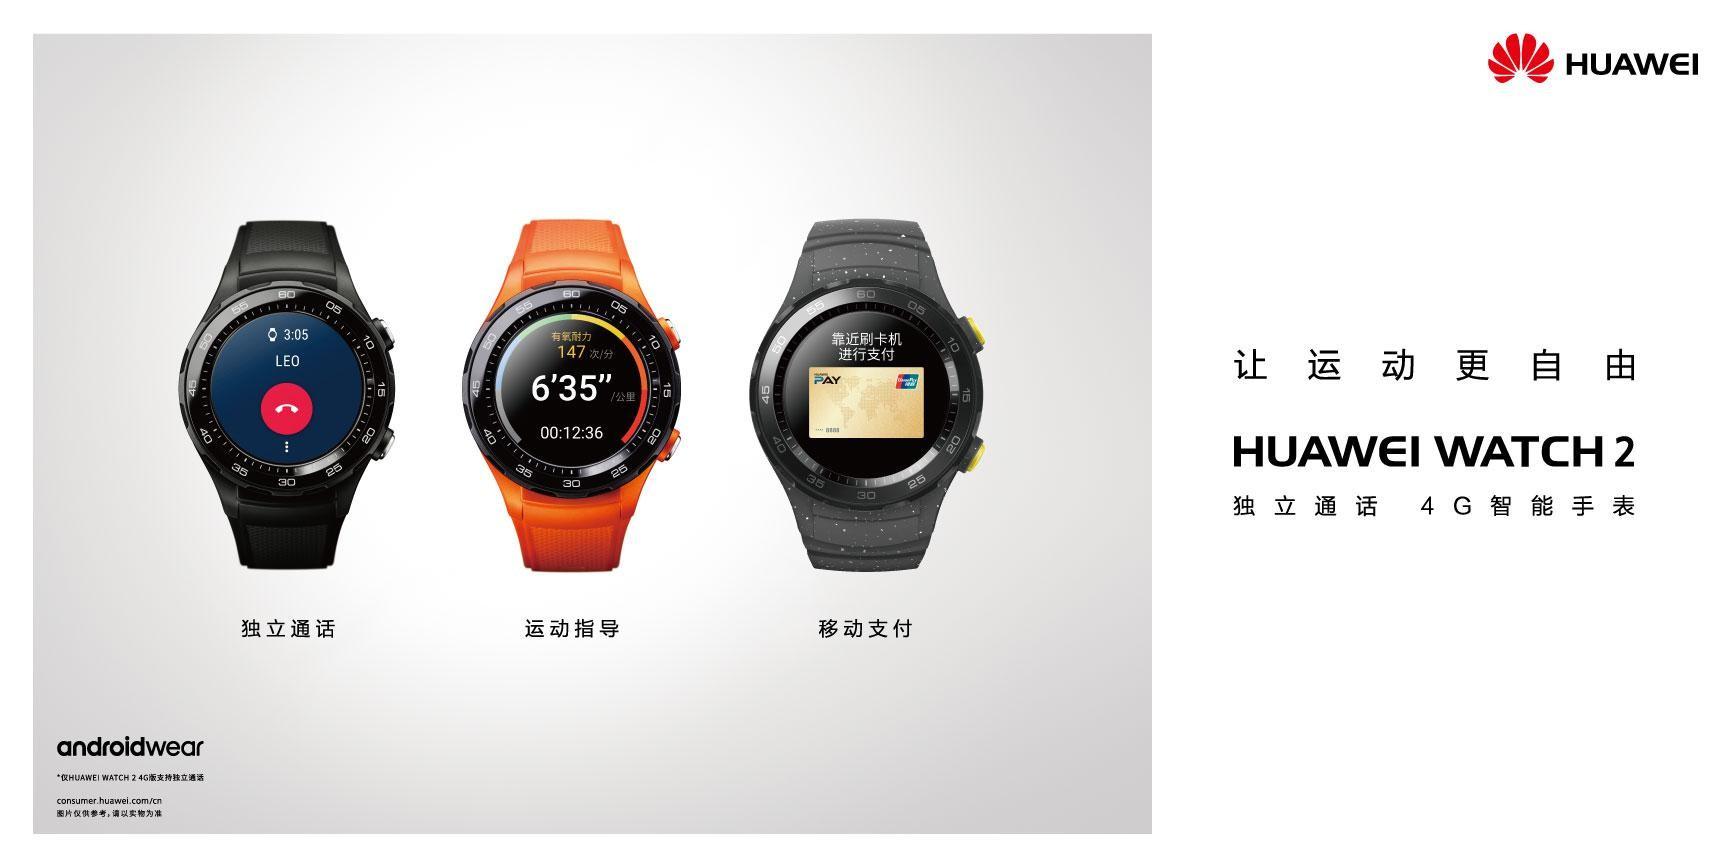 智能穿戴进入新阶段 华为发布新款智能手表可与手机共享号码